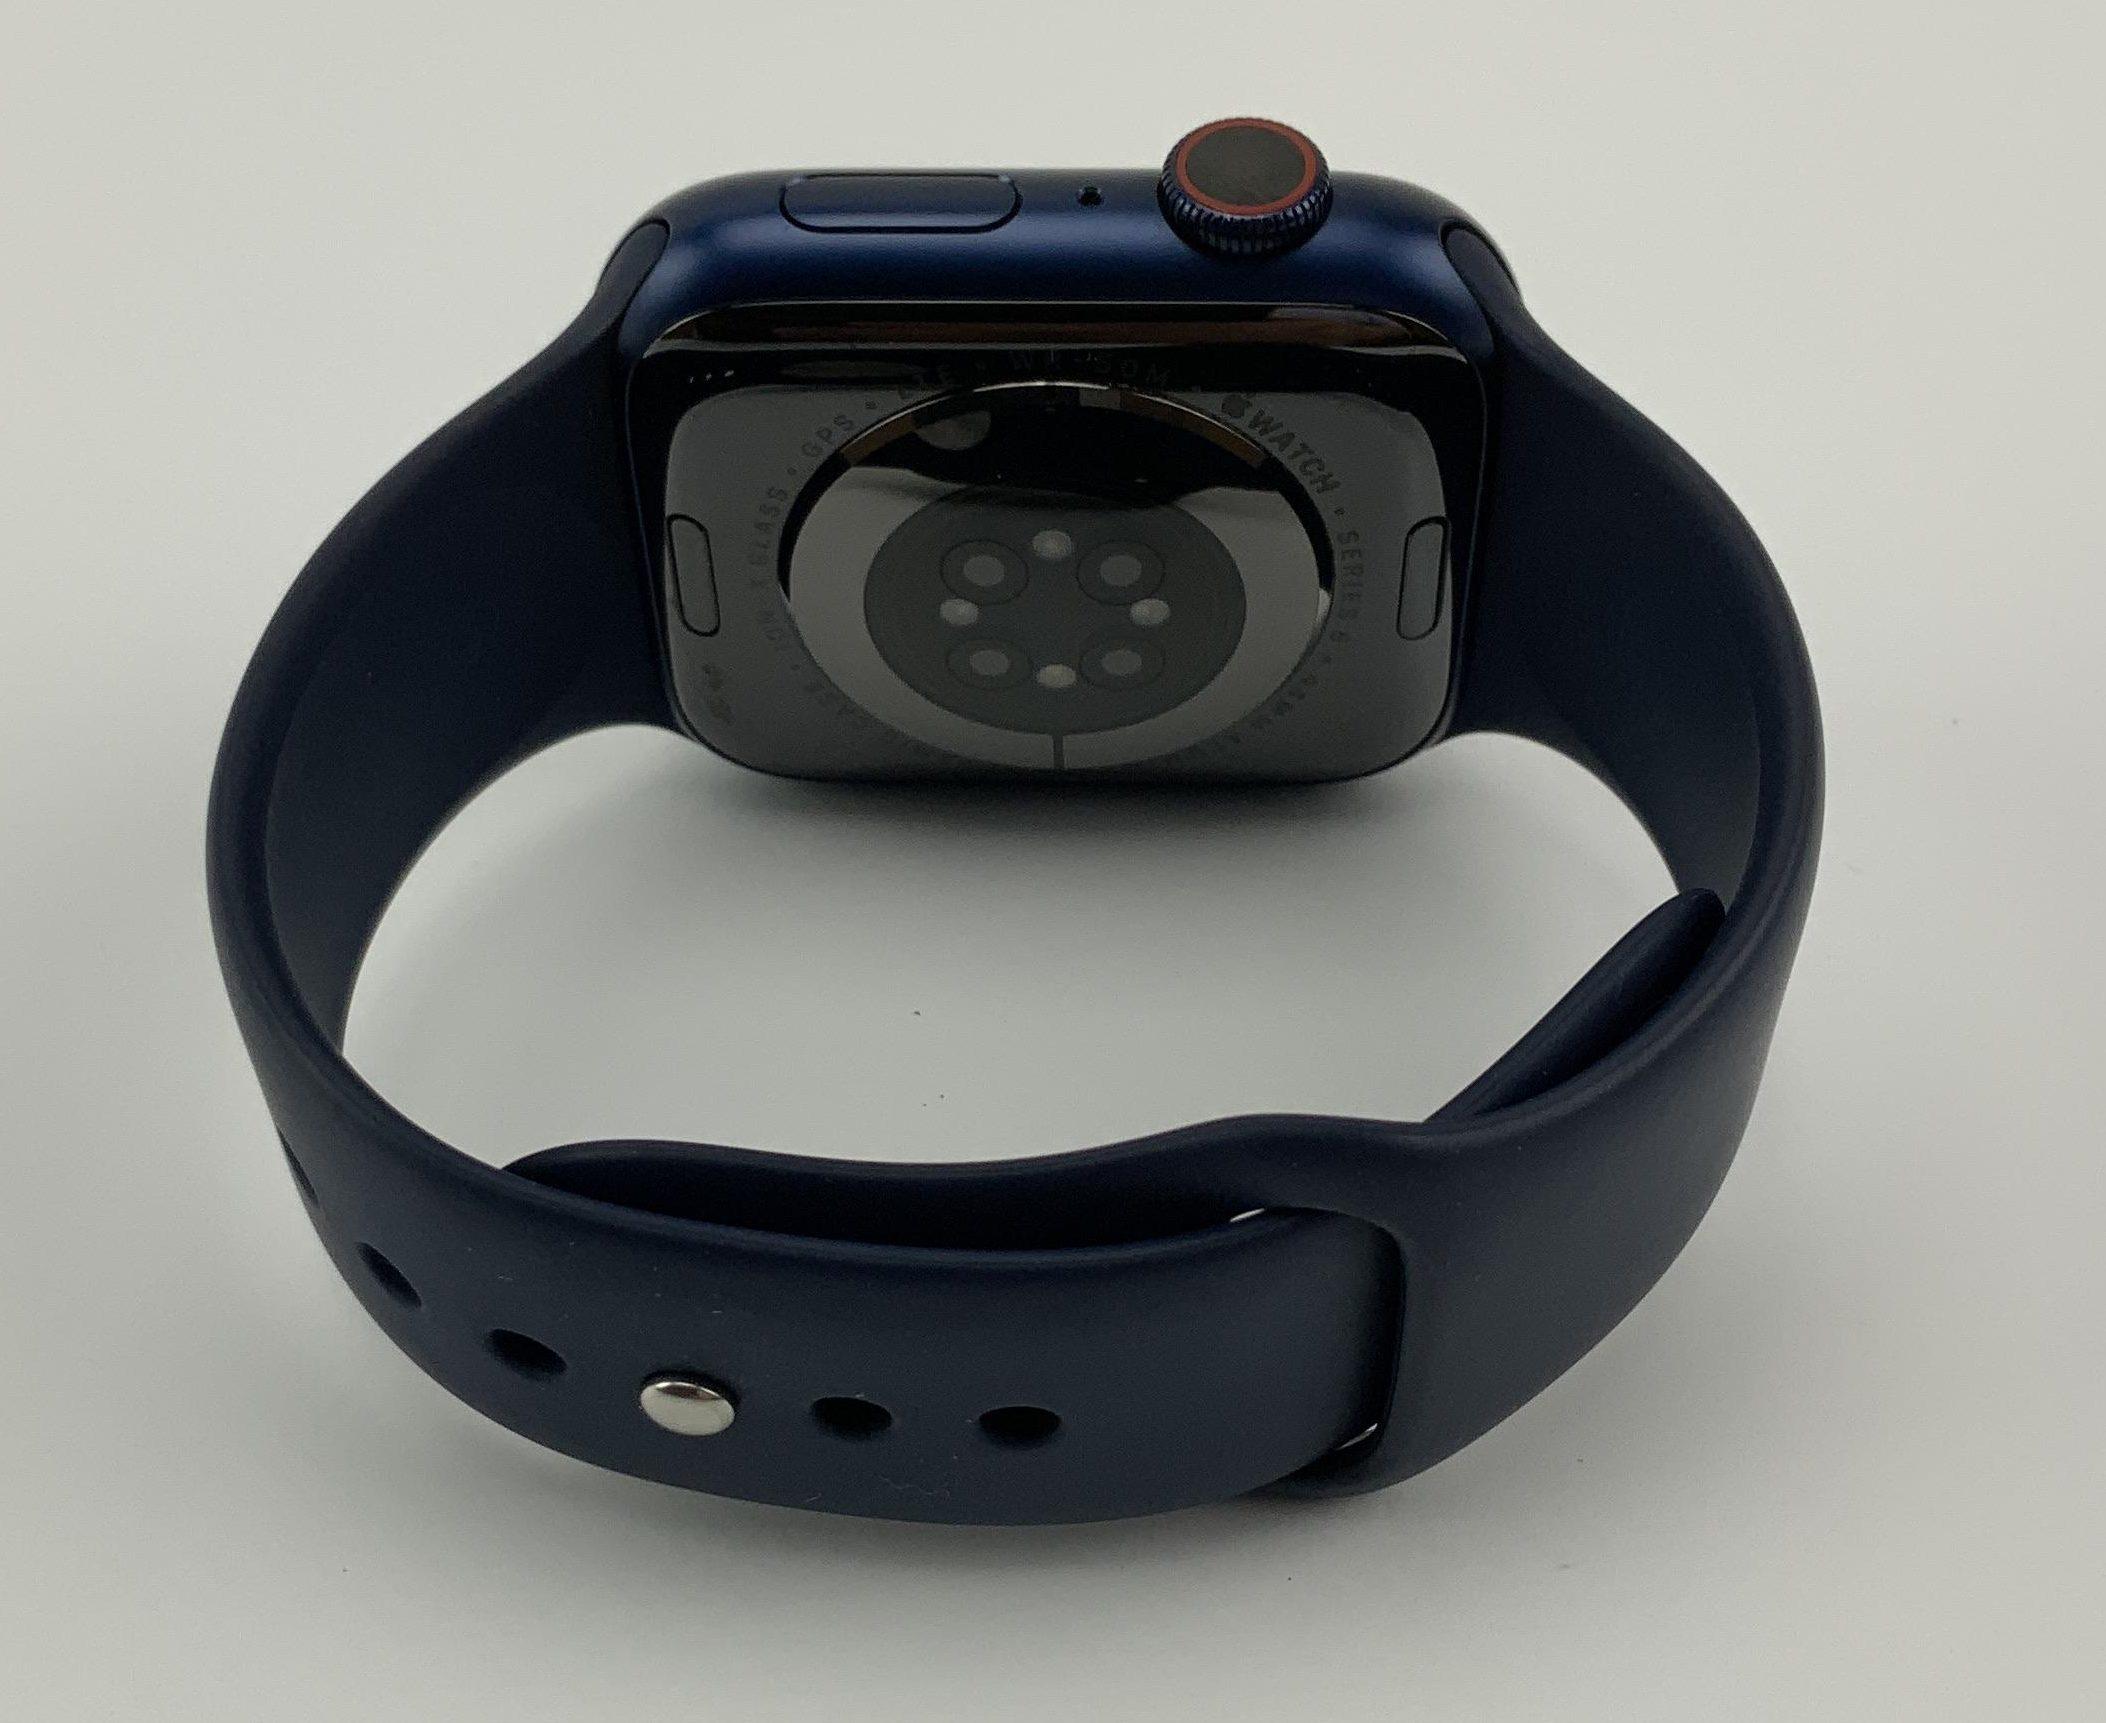 Watch Series 6 Aluminum Cellular (44mm), Blue, Bild 2